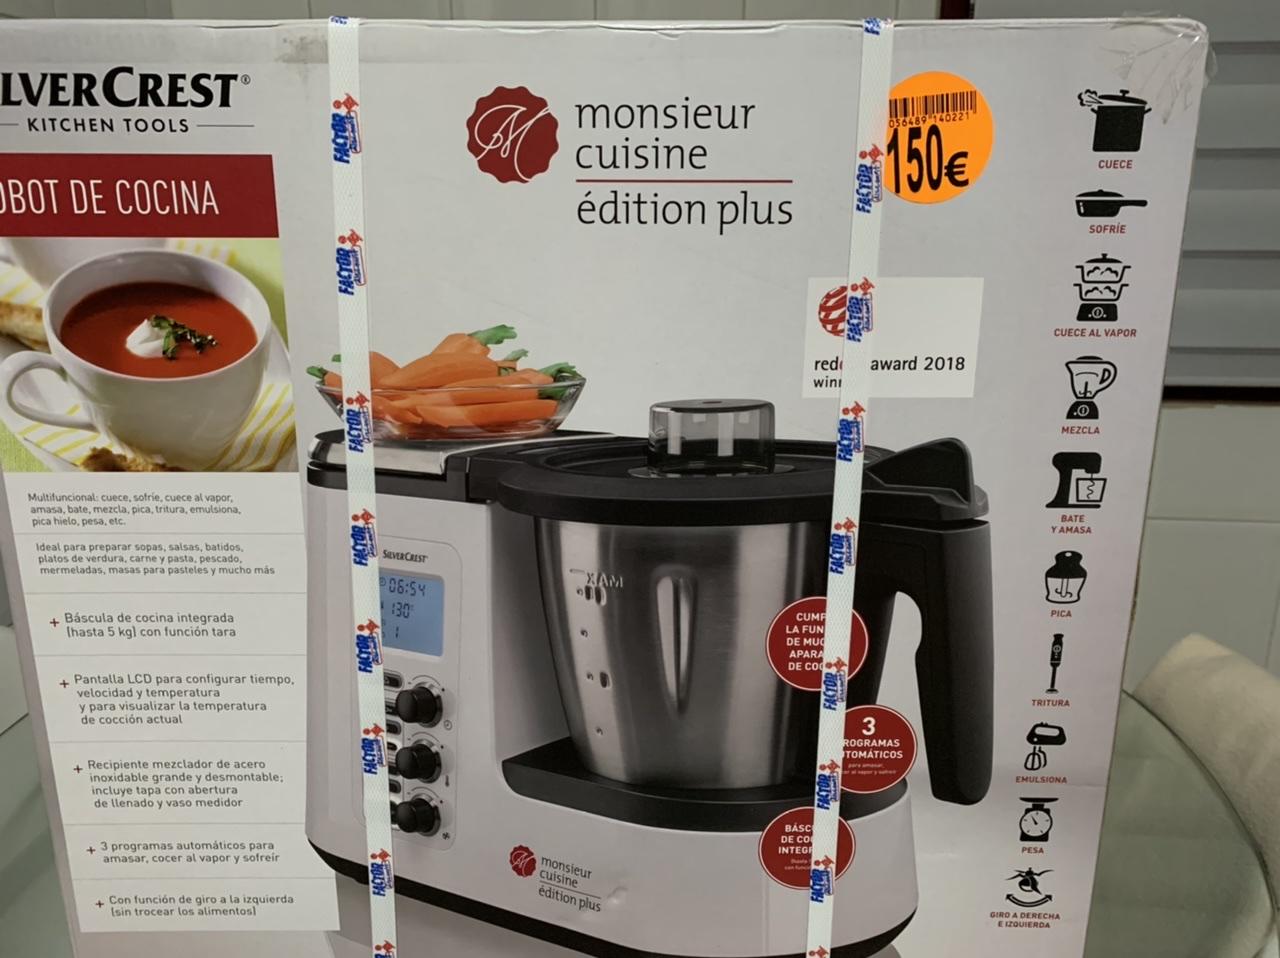 Robot de cocina Monsieur Cuisine Plus (próximo miércoles en Madrid)